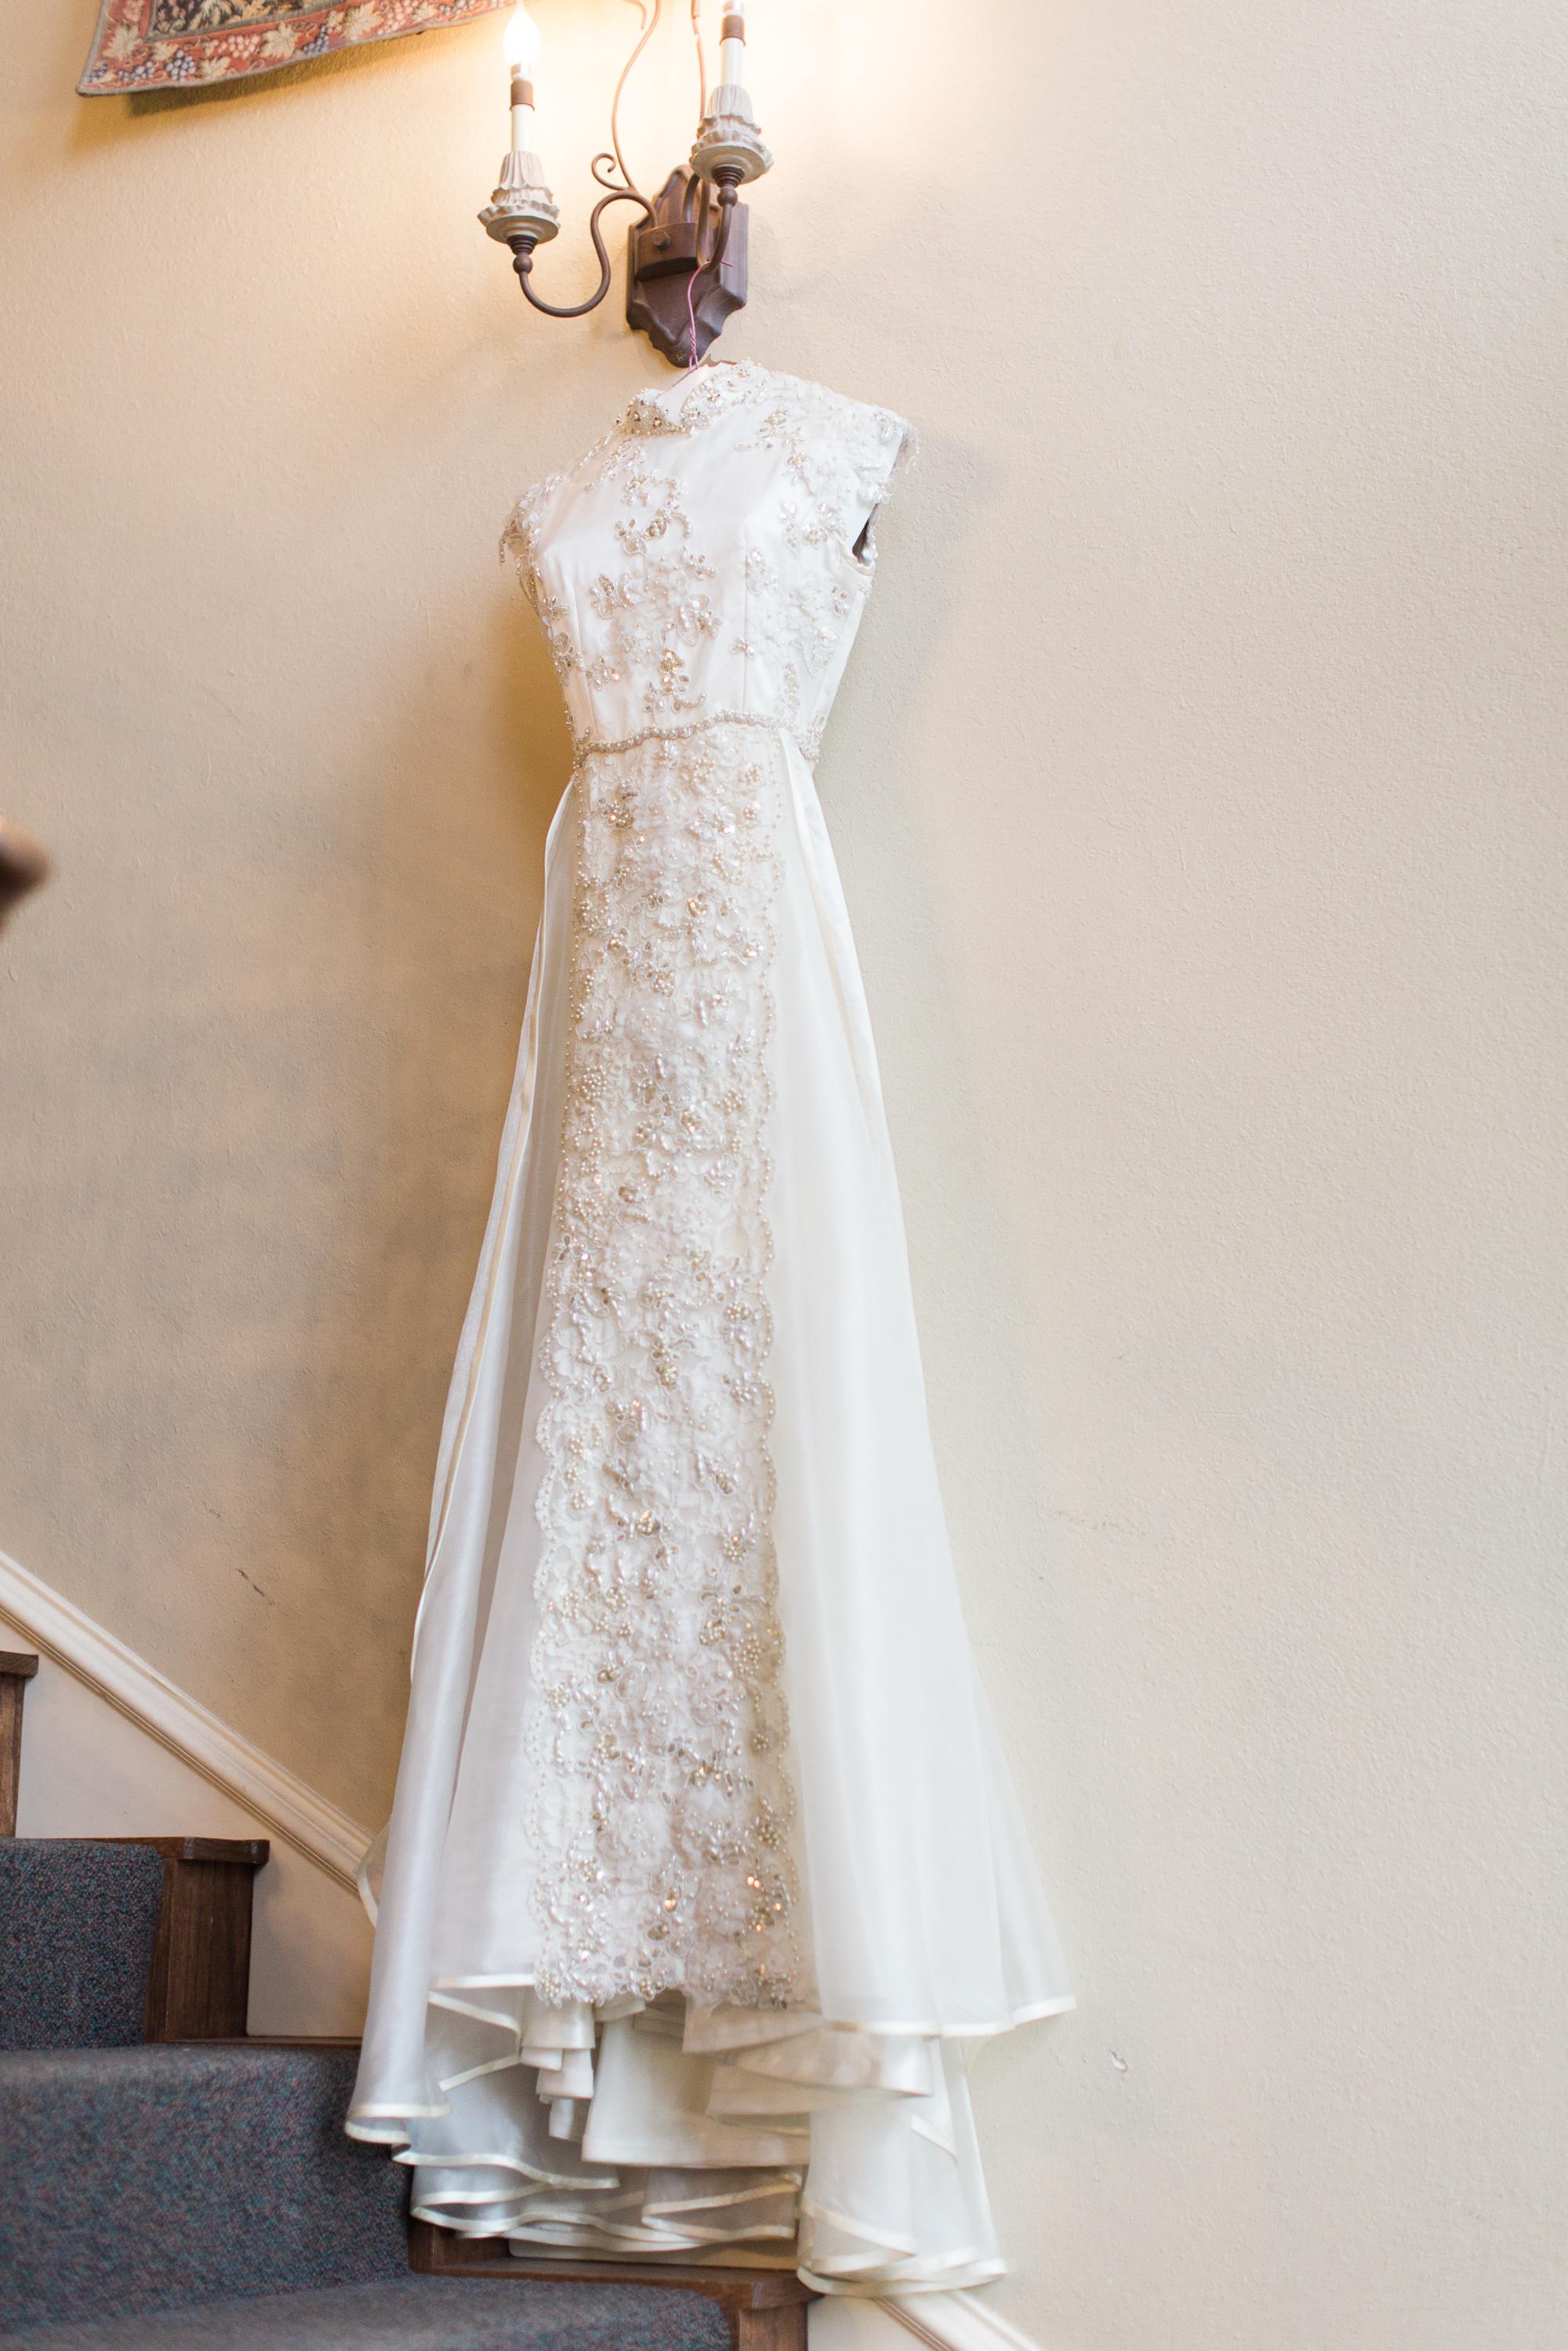 e4a5f-messina-hof-wedding-2messina-hof-wedding-2.jpg